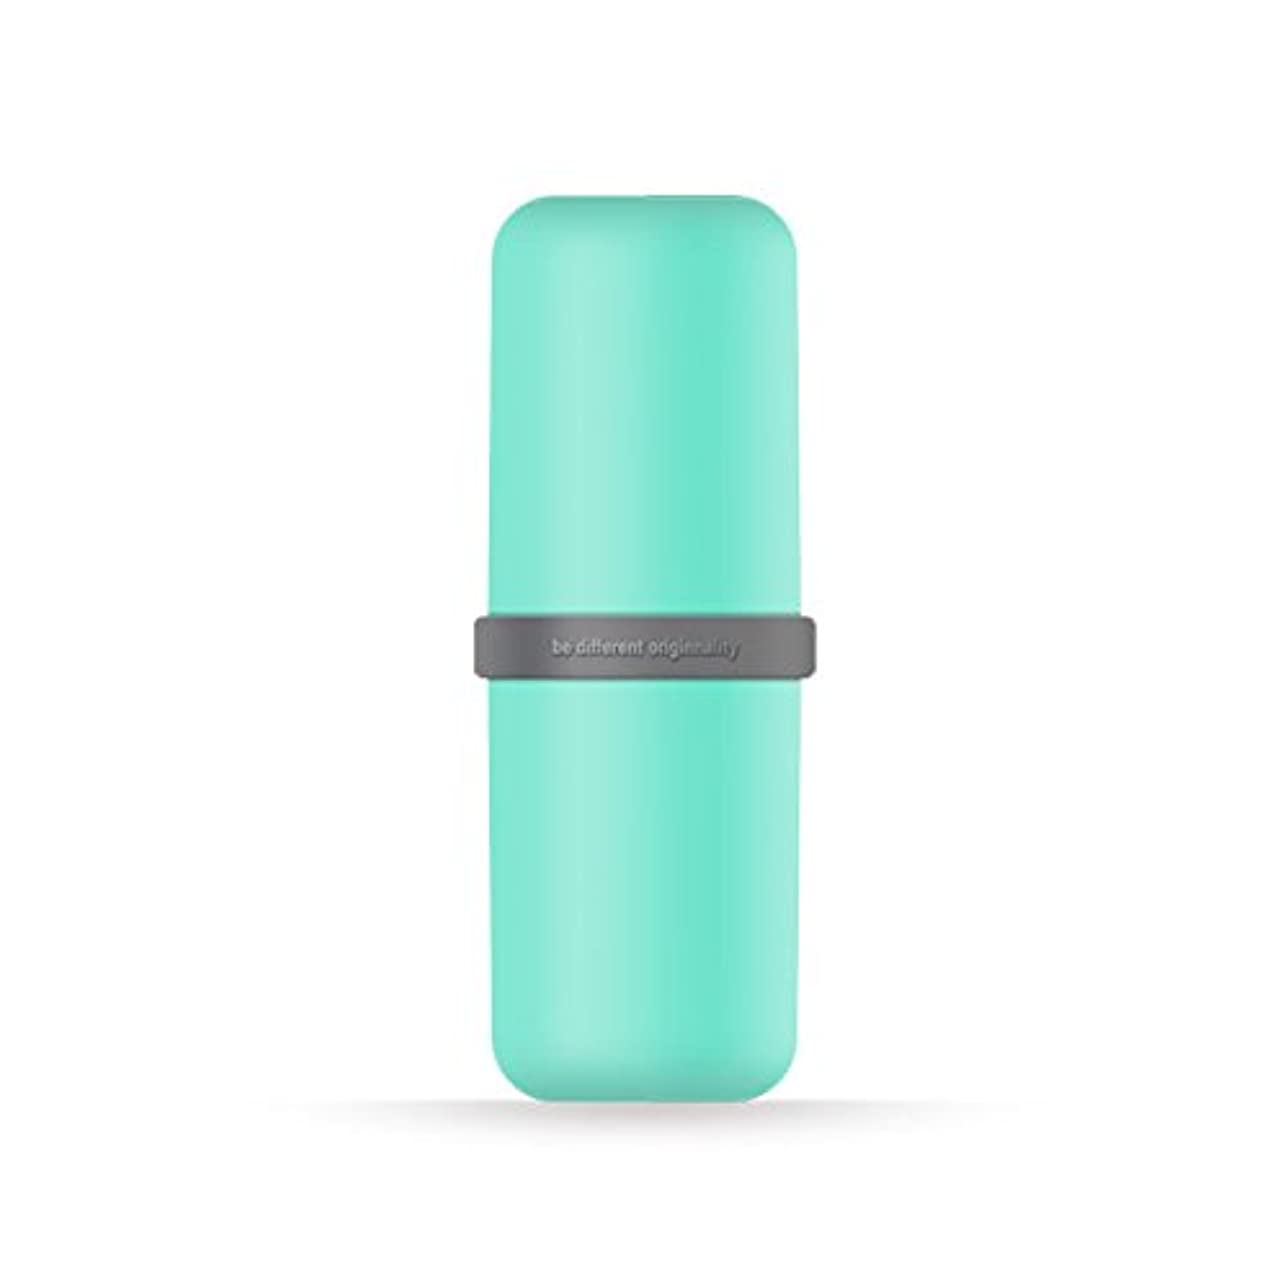 すき着陸あなたが良くなりますポータブル歯ブラシWashカップ歯磨き粉ボックス便利旅行歯ブラシ歯磨き粉オーガナイザー 6*20cm グリーン